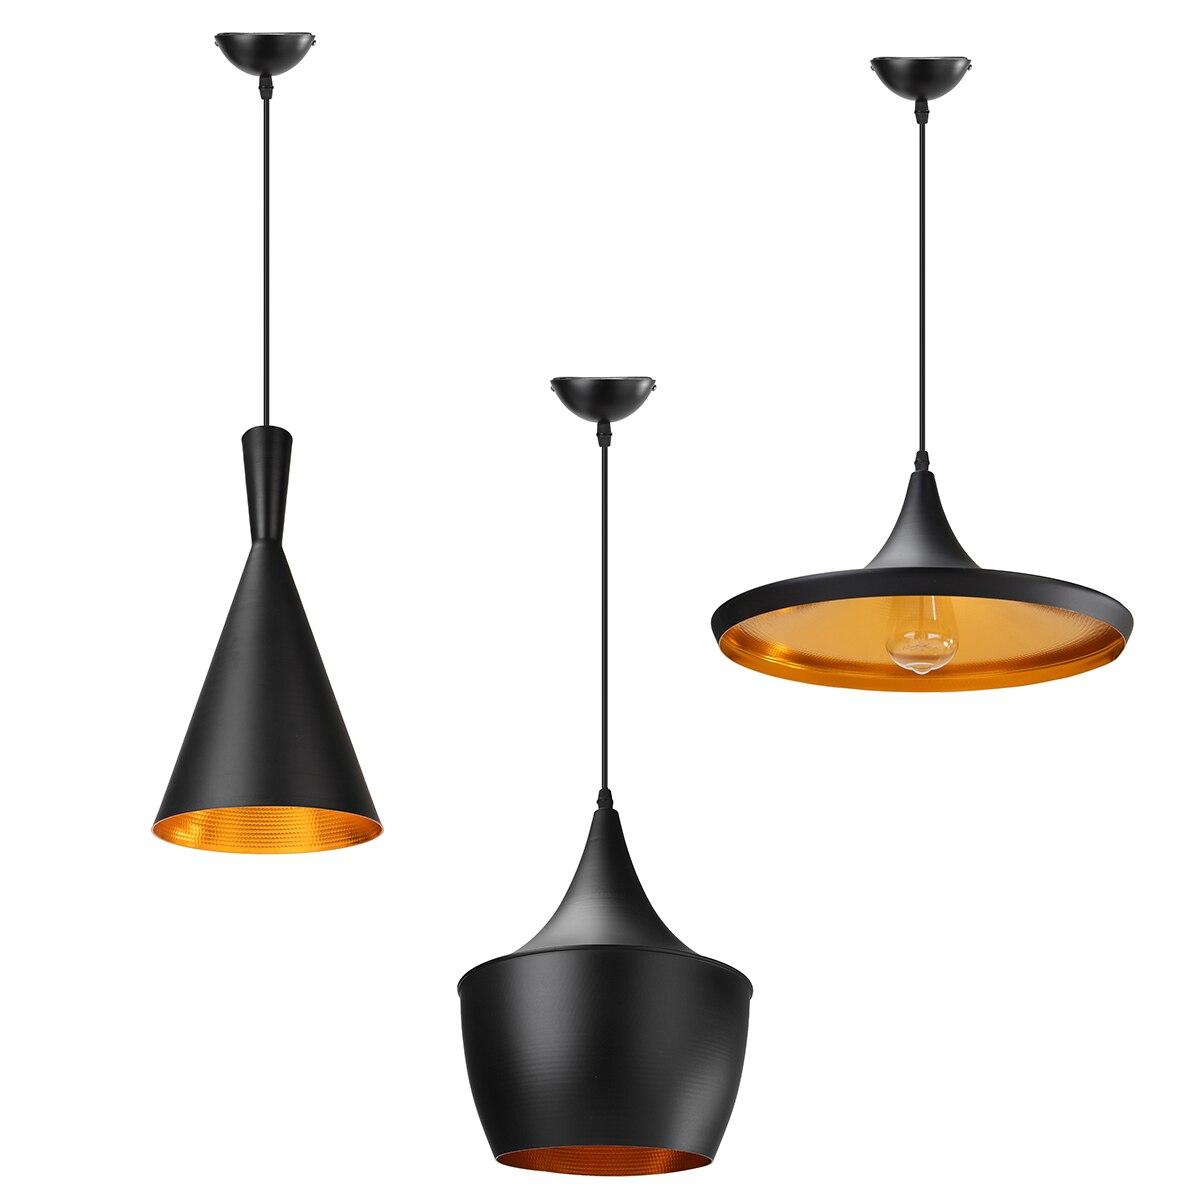 3 スタイルのヴィンテージレトロなホーン形状ライトぶら下げシャンデリアランプクリエイティブ照明レストランバー寝室ランプ